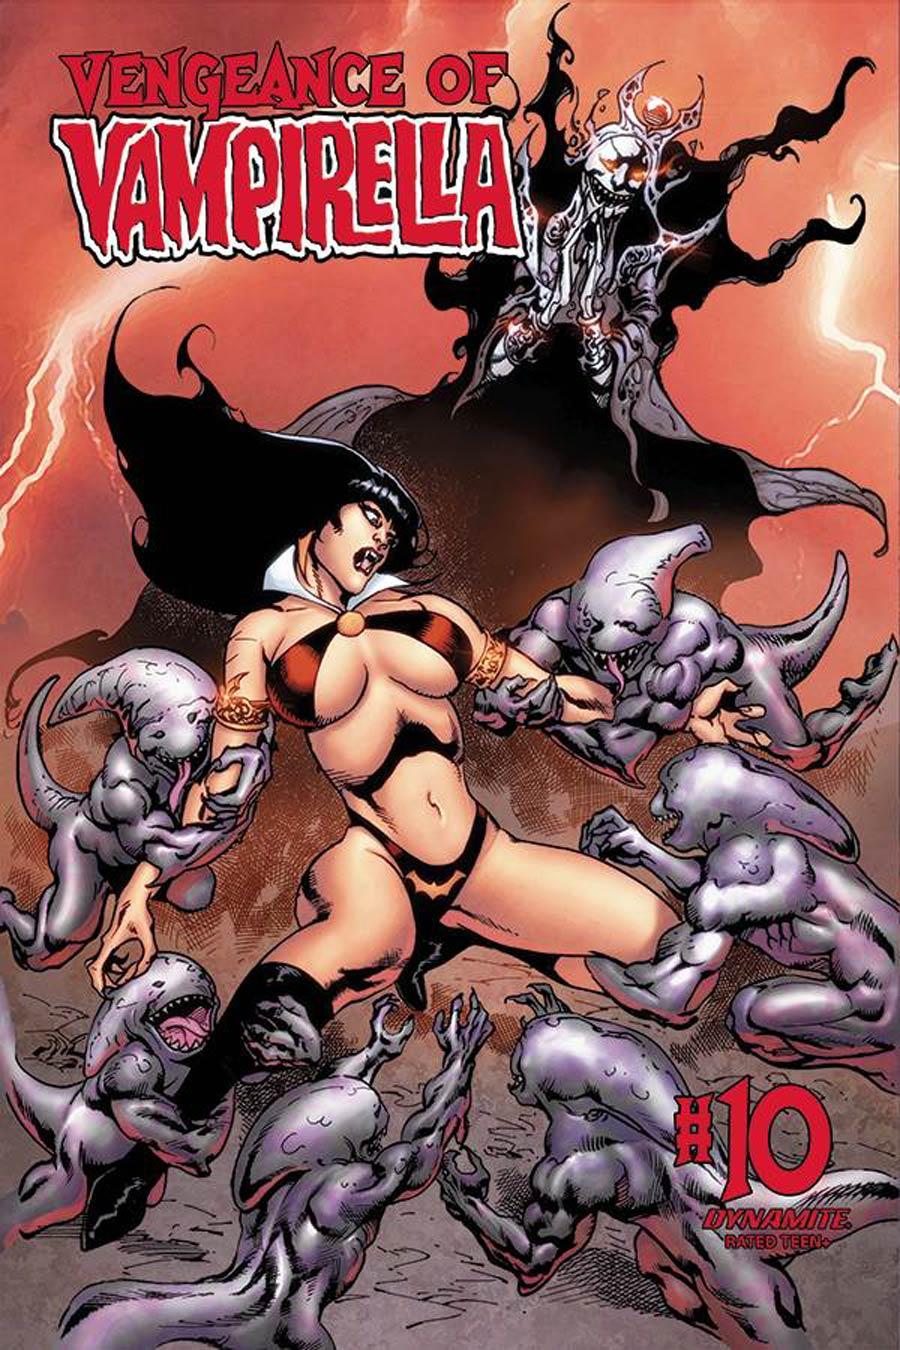 Vengeance Of Vampirella Vol 2 #10 Cover E Variant Roberto Castro Cover